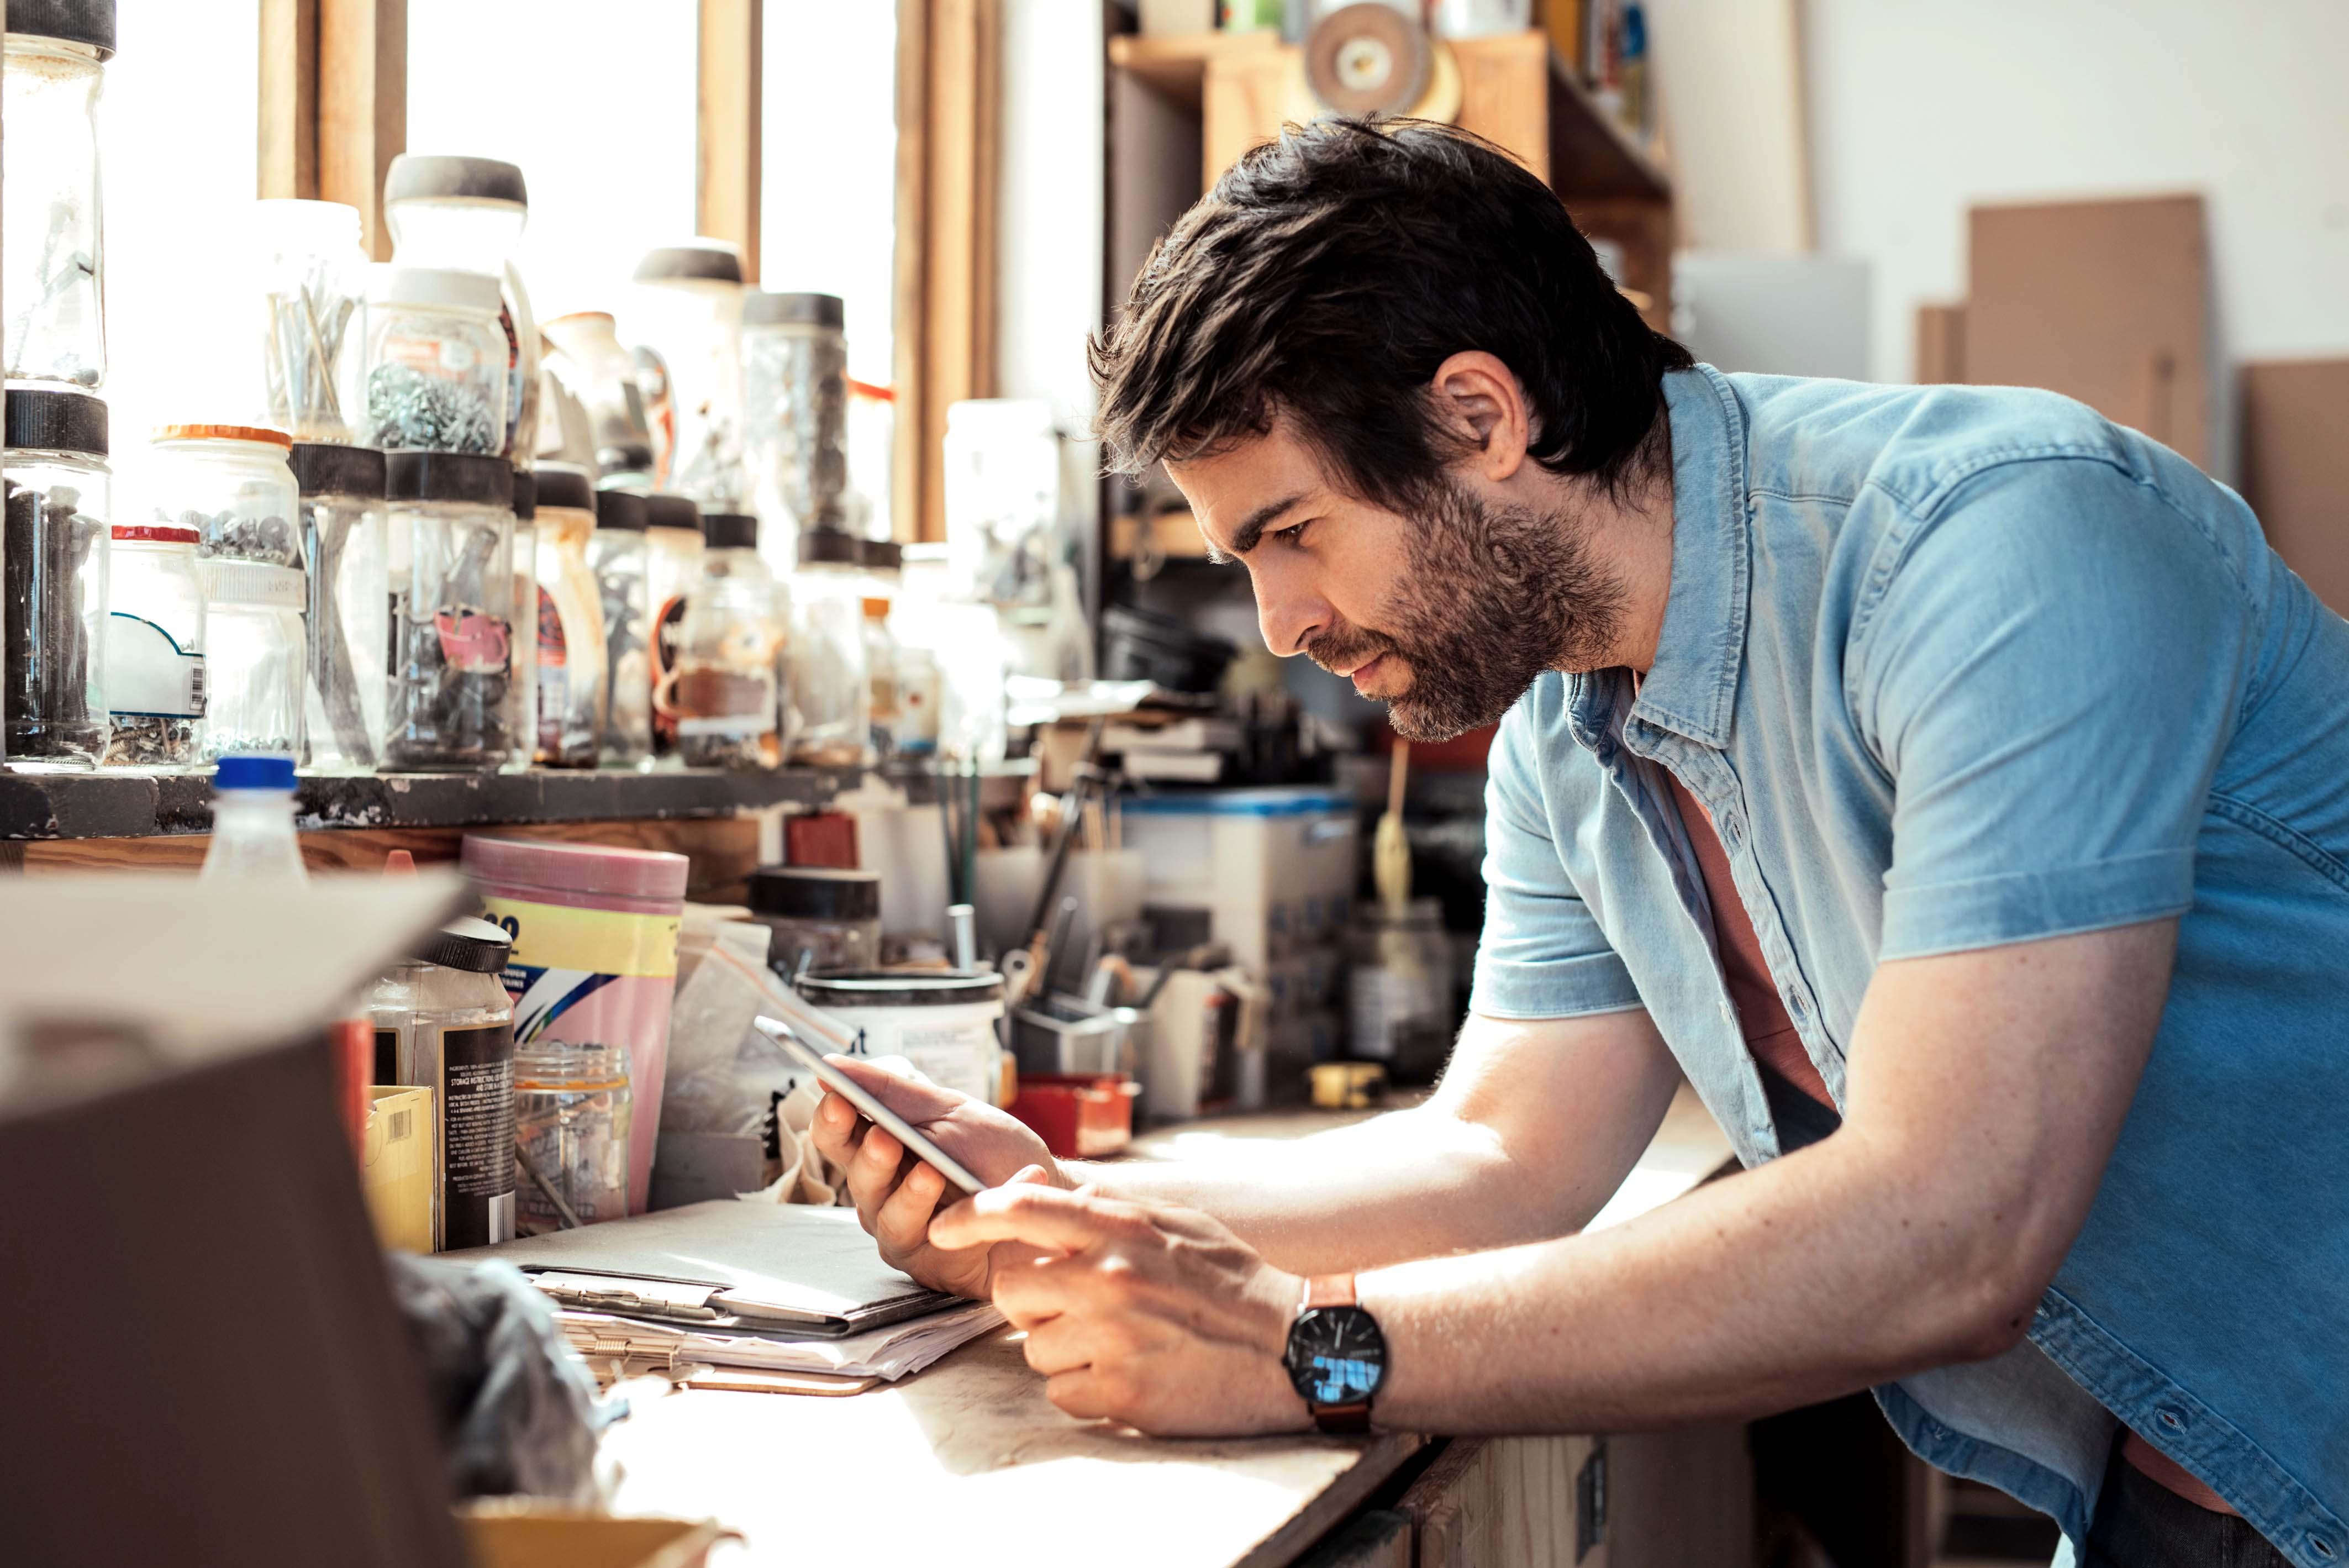 Hombre joven trabajando con sus manos en un taller